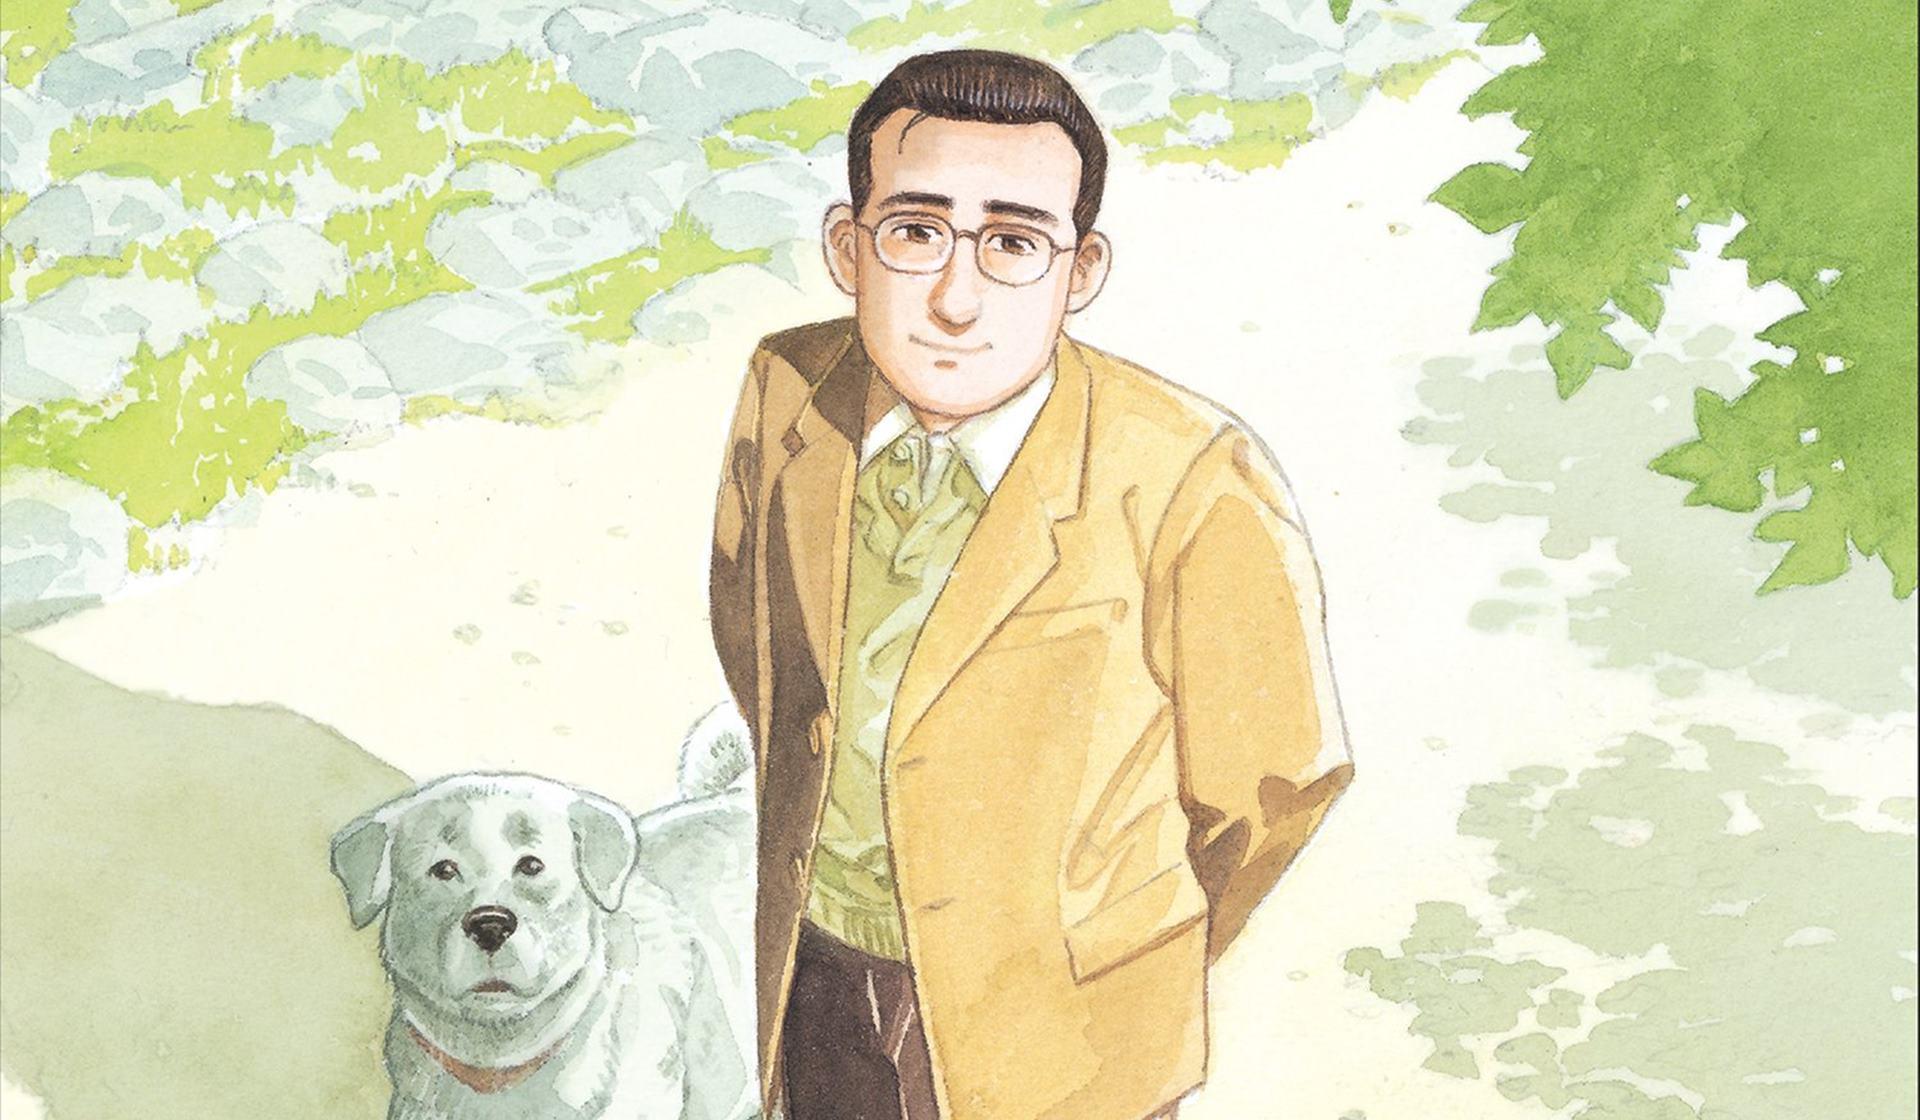 Crítica de 'El caminante' de Jiro Taniguchi